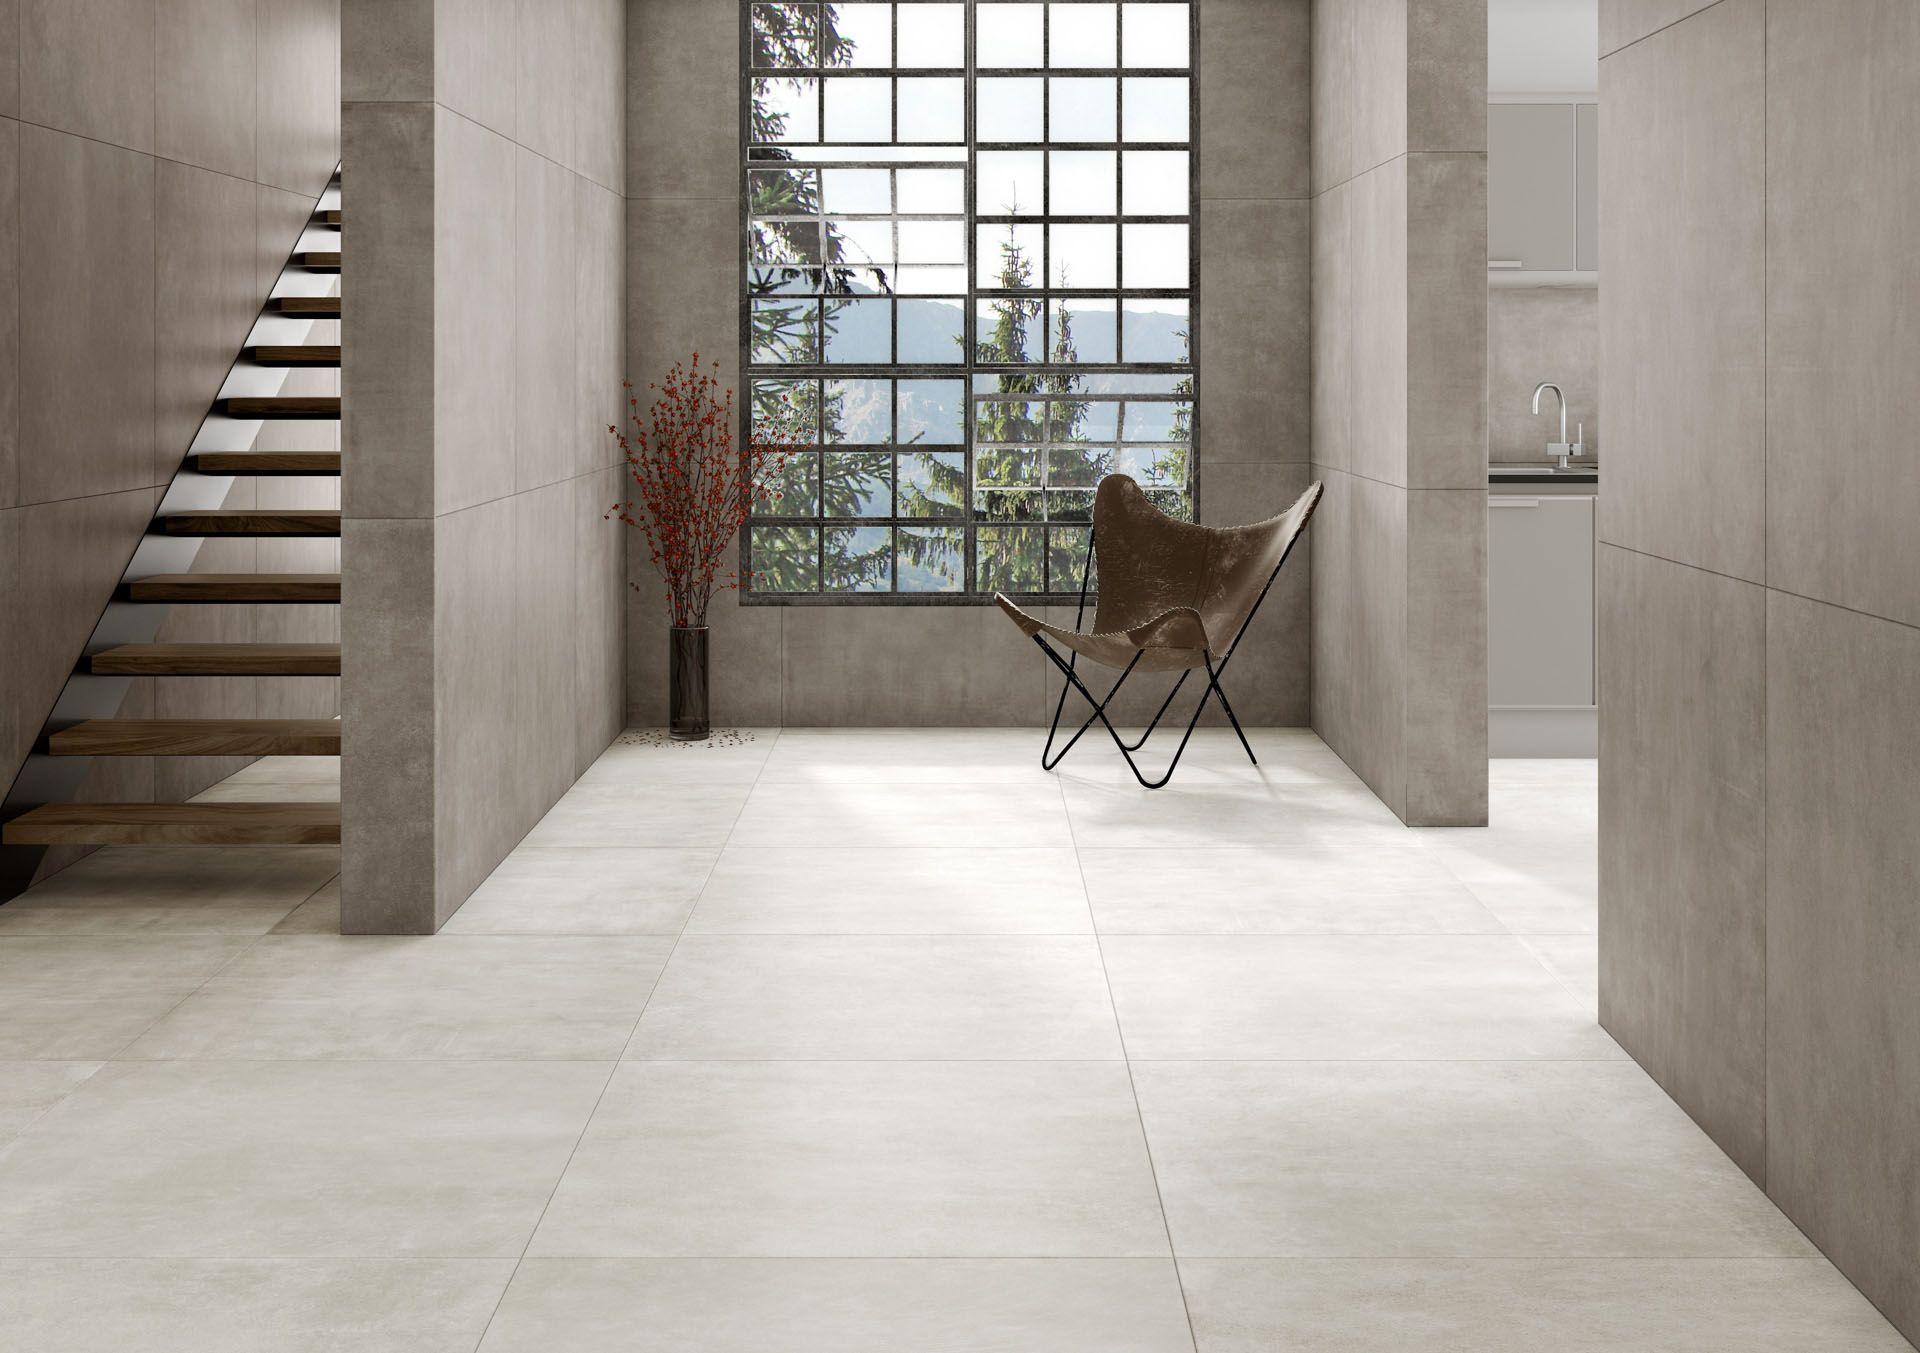 Minimalistyczny przedpokój w szarości z oknem, wejściem do kuchni, schodami, krzesłem i kwiatem oraz płytkami imitującymi beton